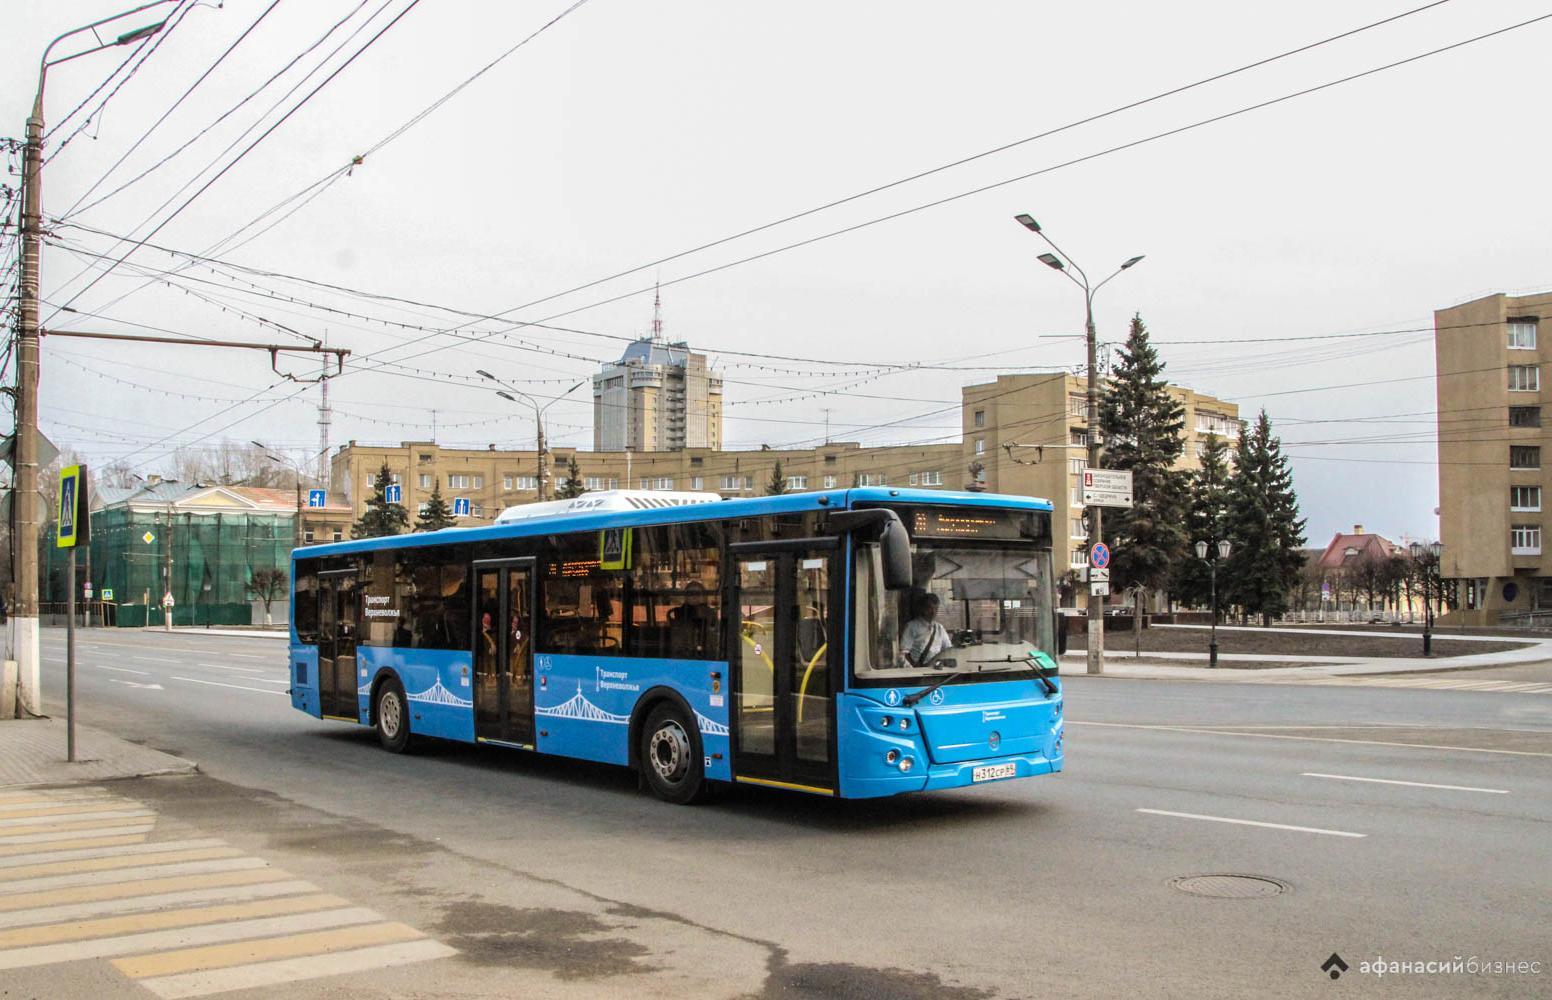 Тверские троллейбусы отправятся в Новосибирск - новости Афанасий